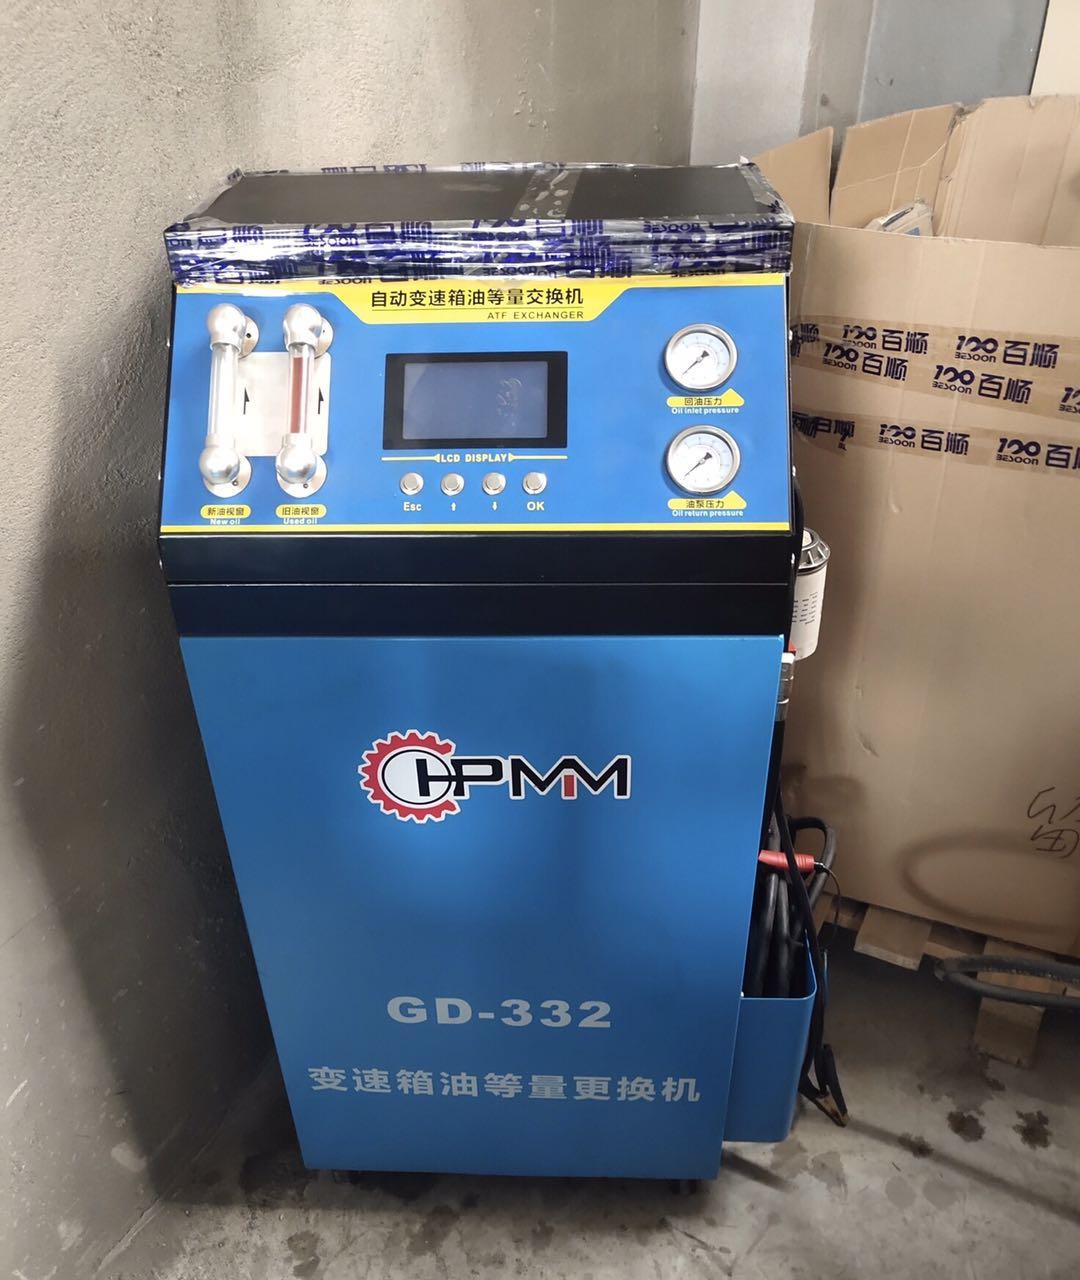 二手自动变速箱更换油机,设备正常使用